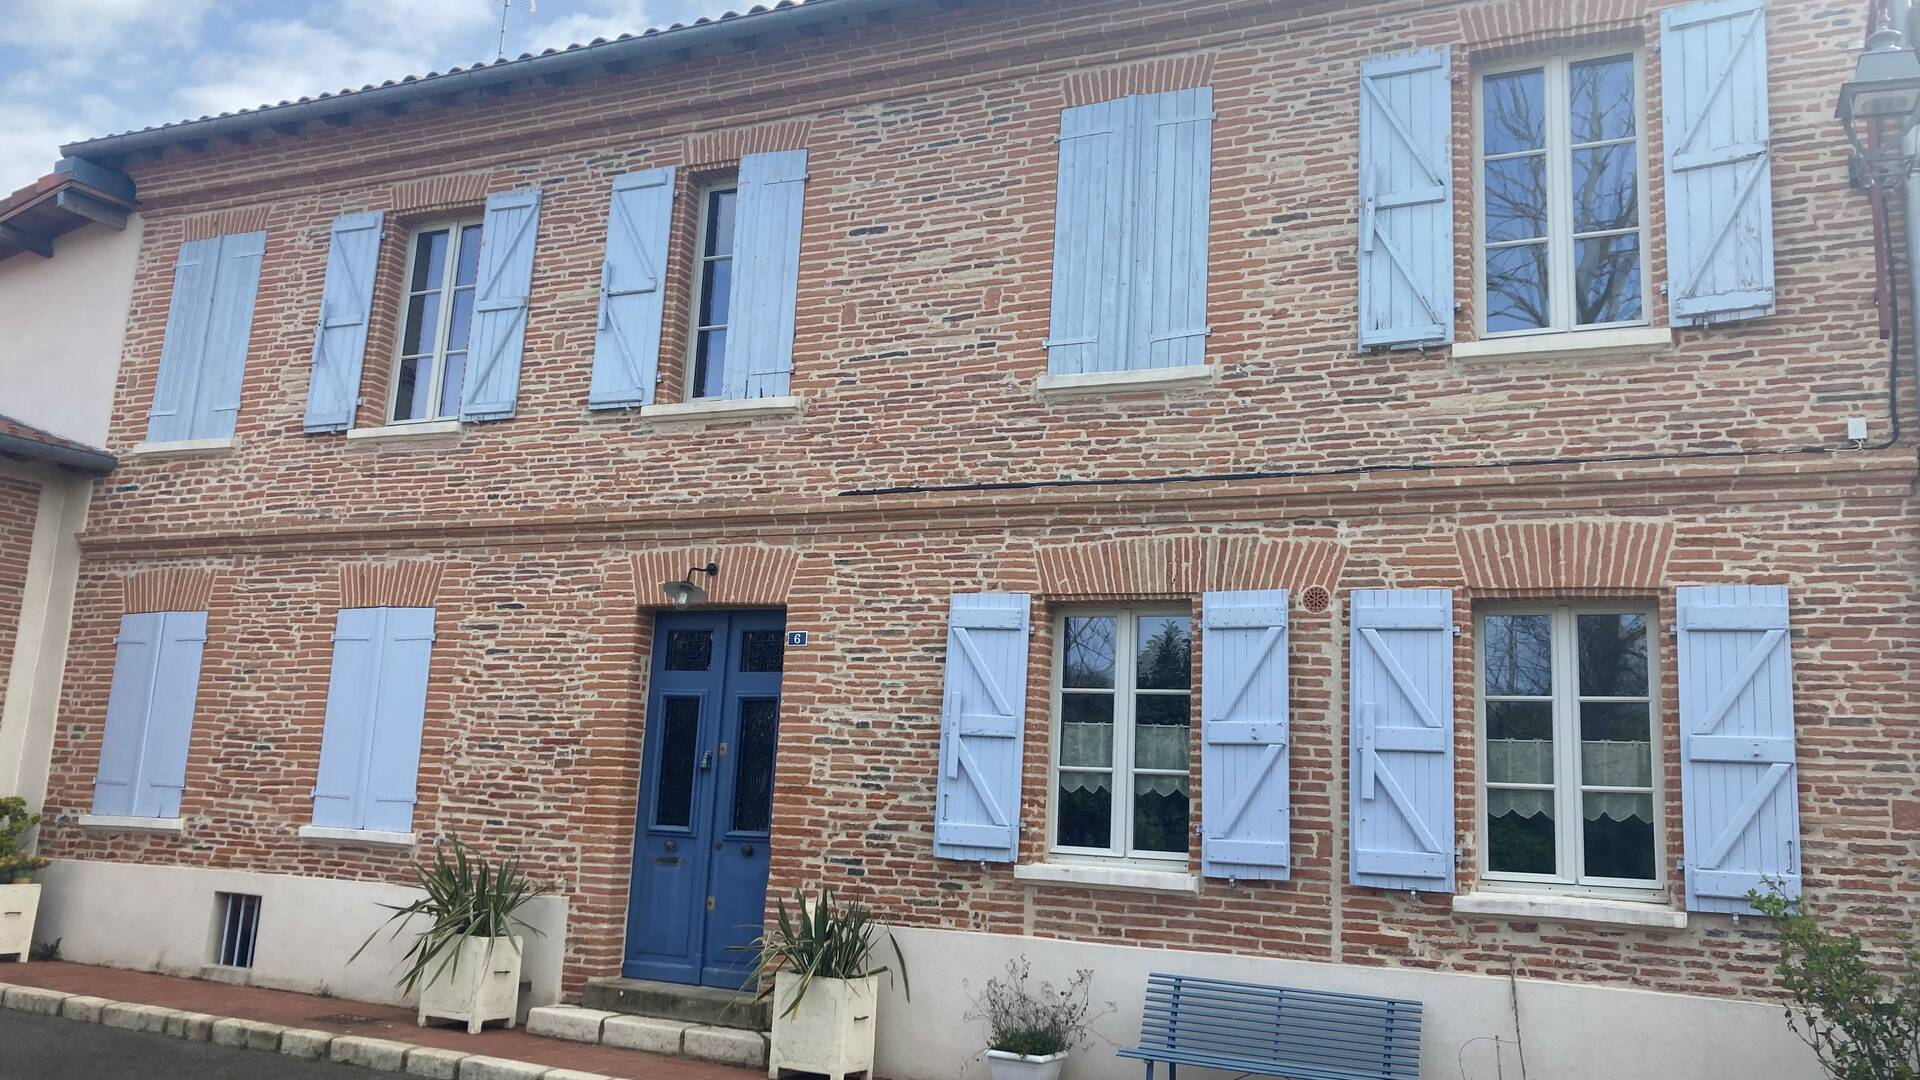 """Chambre d'hôtes """"Coquelicorne"""", Lombez, Savès, Gers, Gascogne, France"""